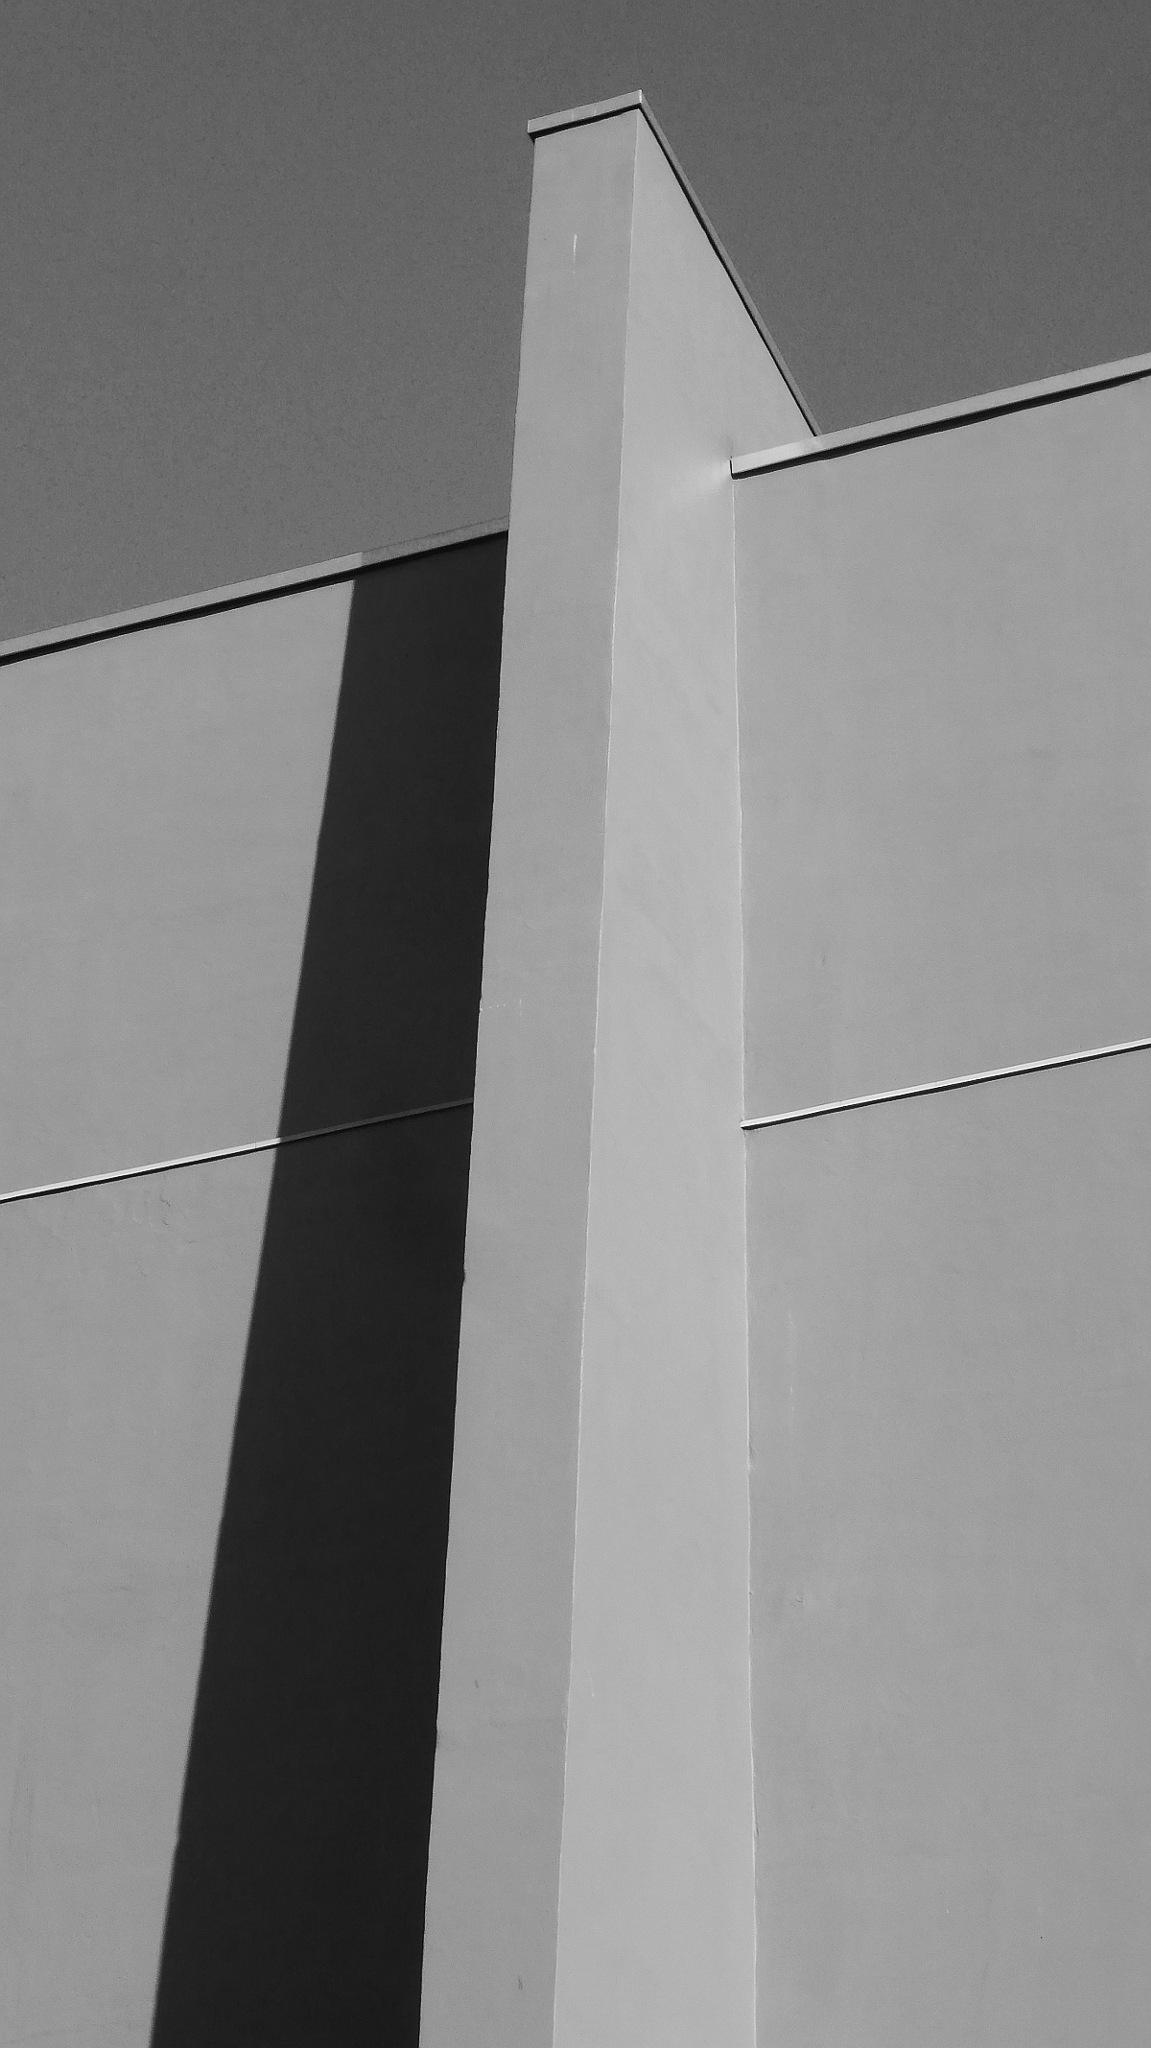 Architecture by Gernot Schwarz